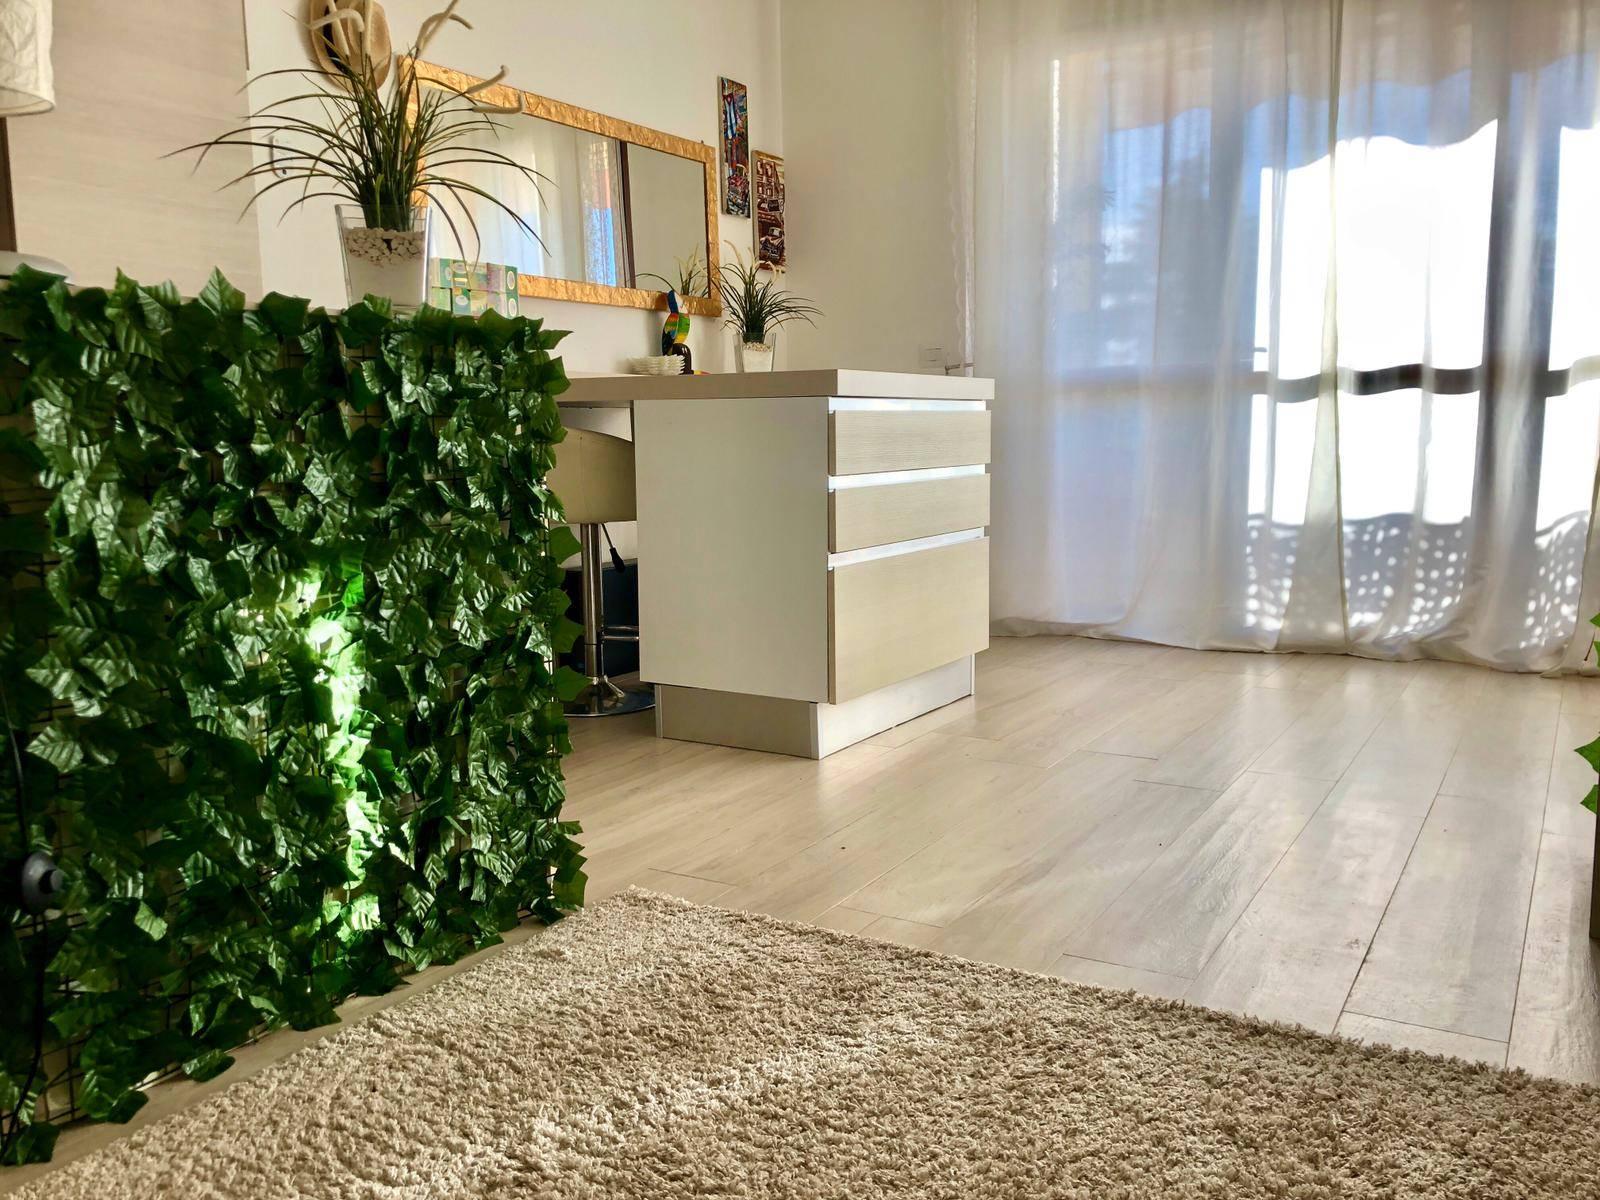 Appartamento in vendita a Cambiago, 1 locali, prezzo € 77.000 | PortaleAgenzieImmobiliari.it